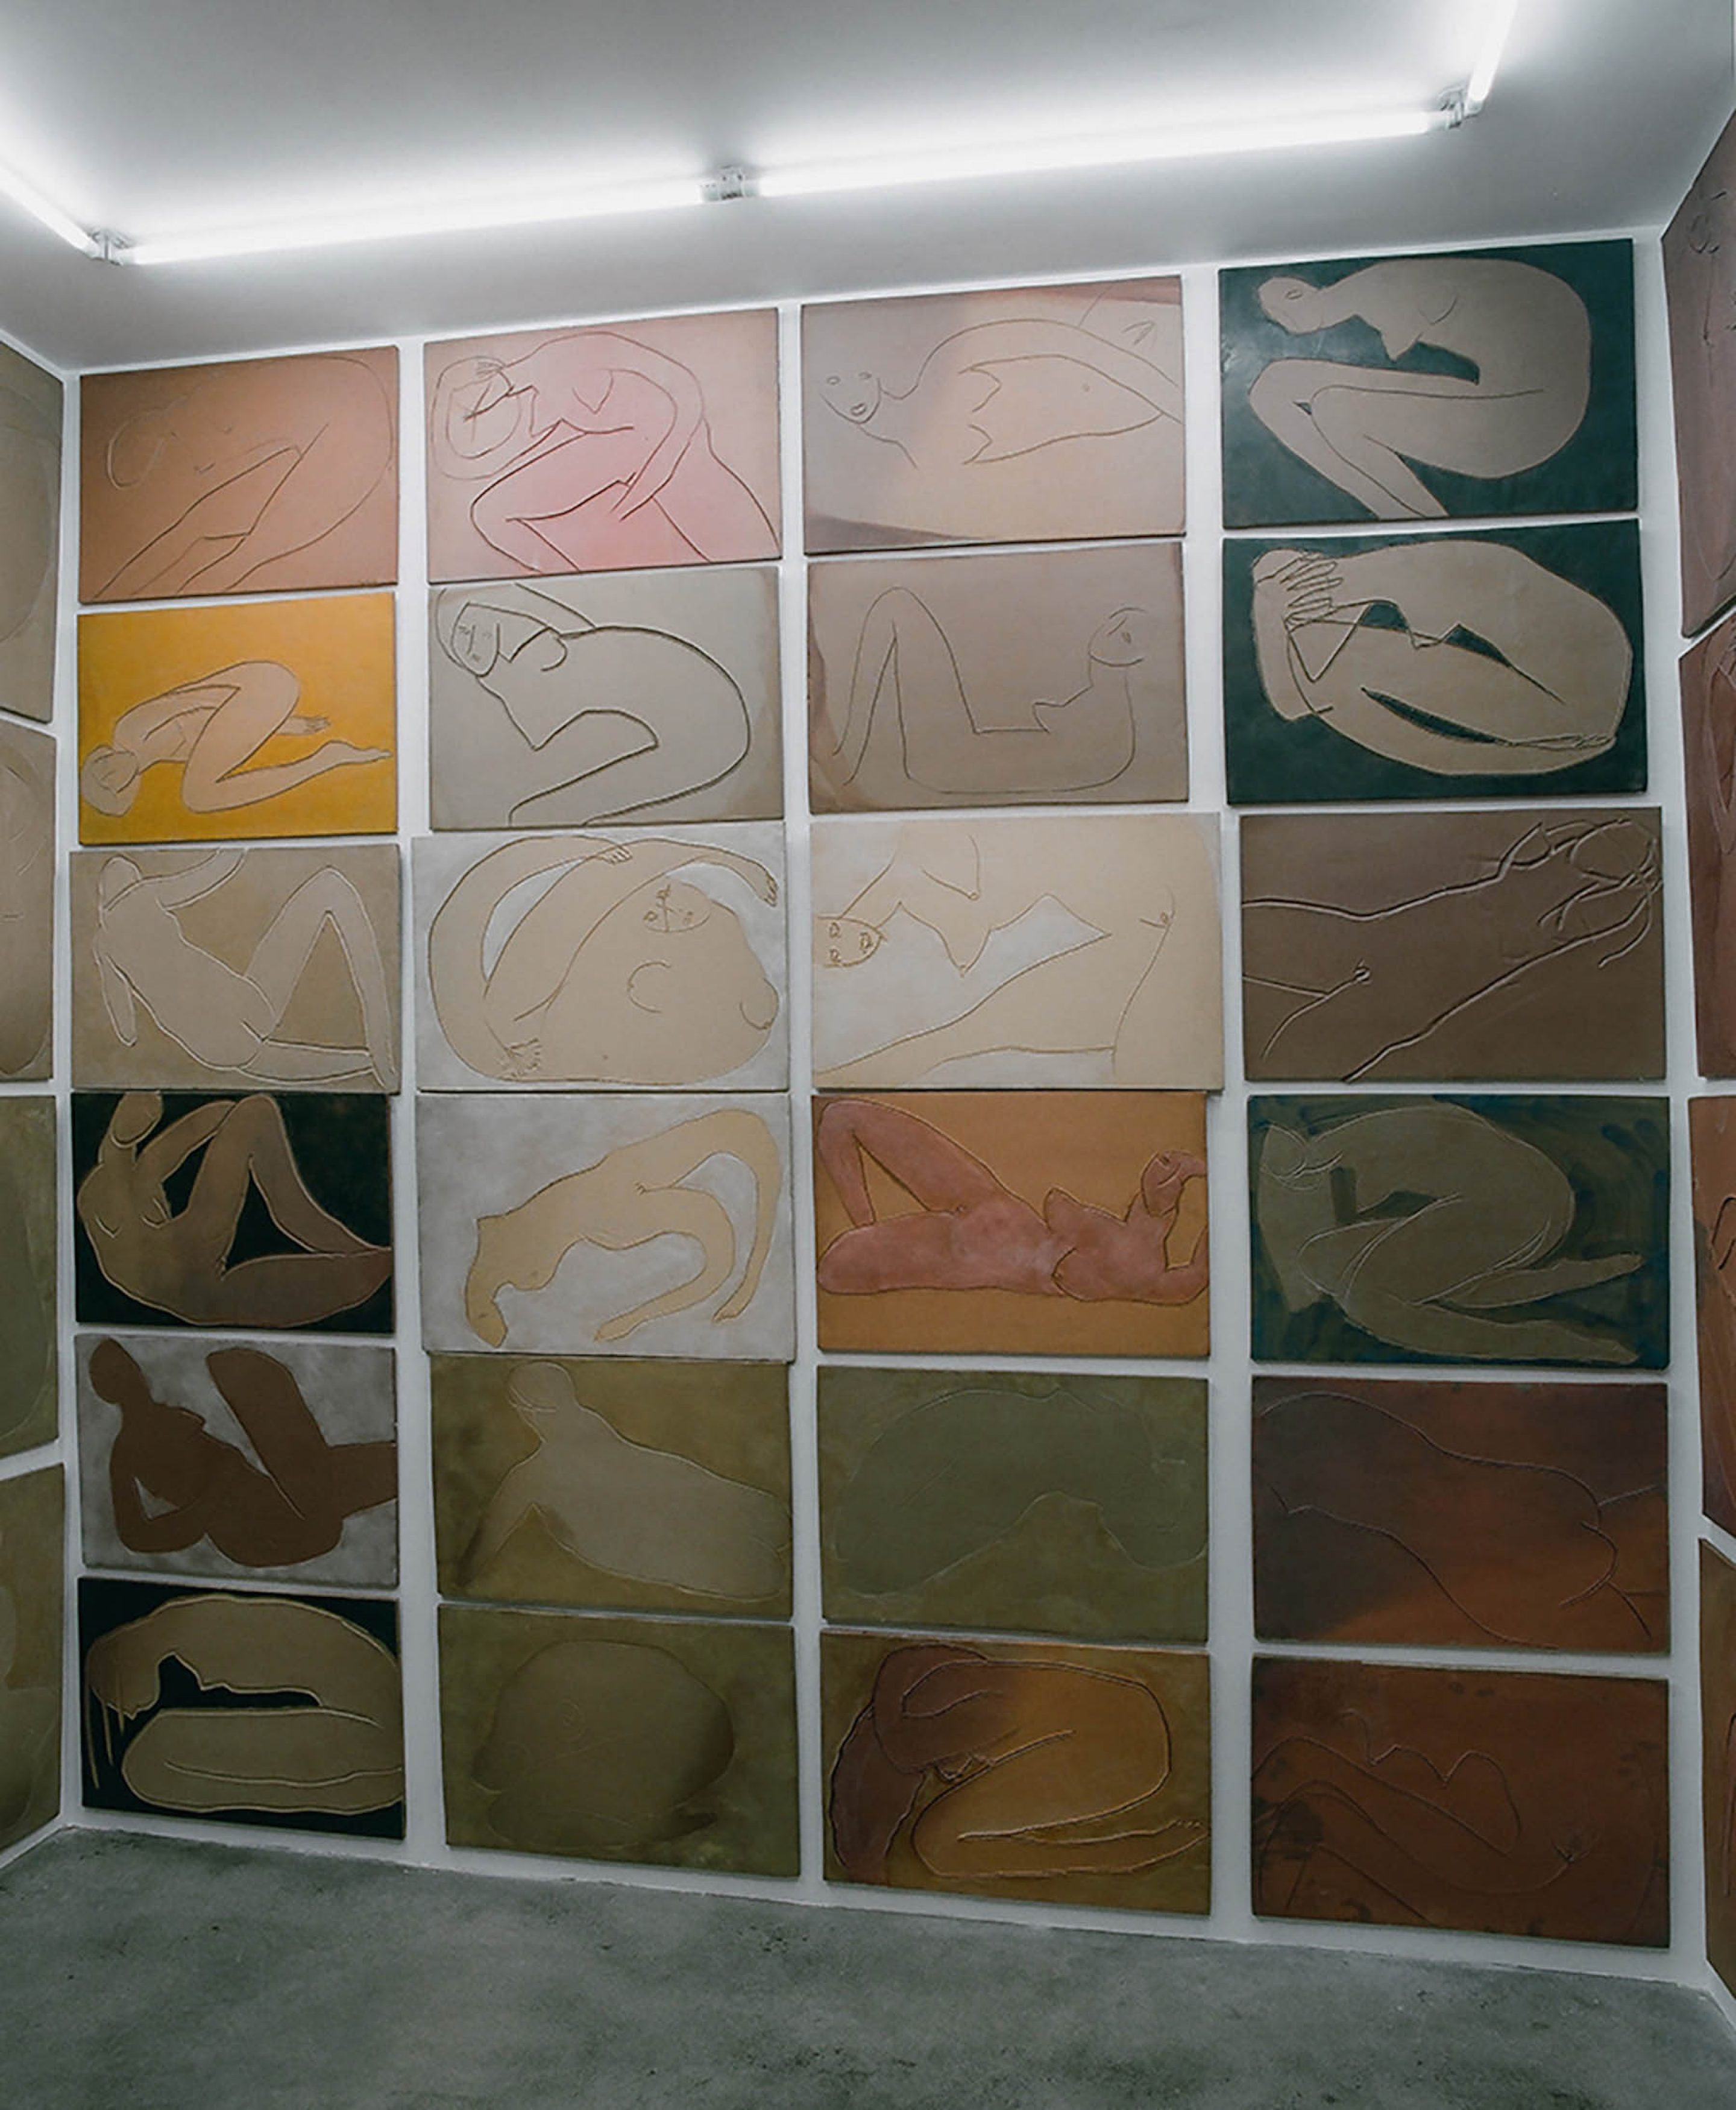 iGNANT-Art-Vanessa-Beecroft-Pio-Pico-02